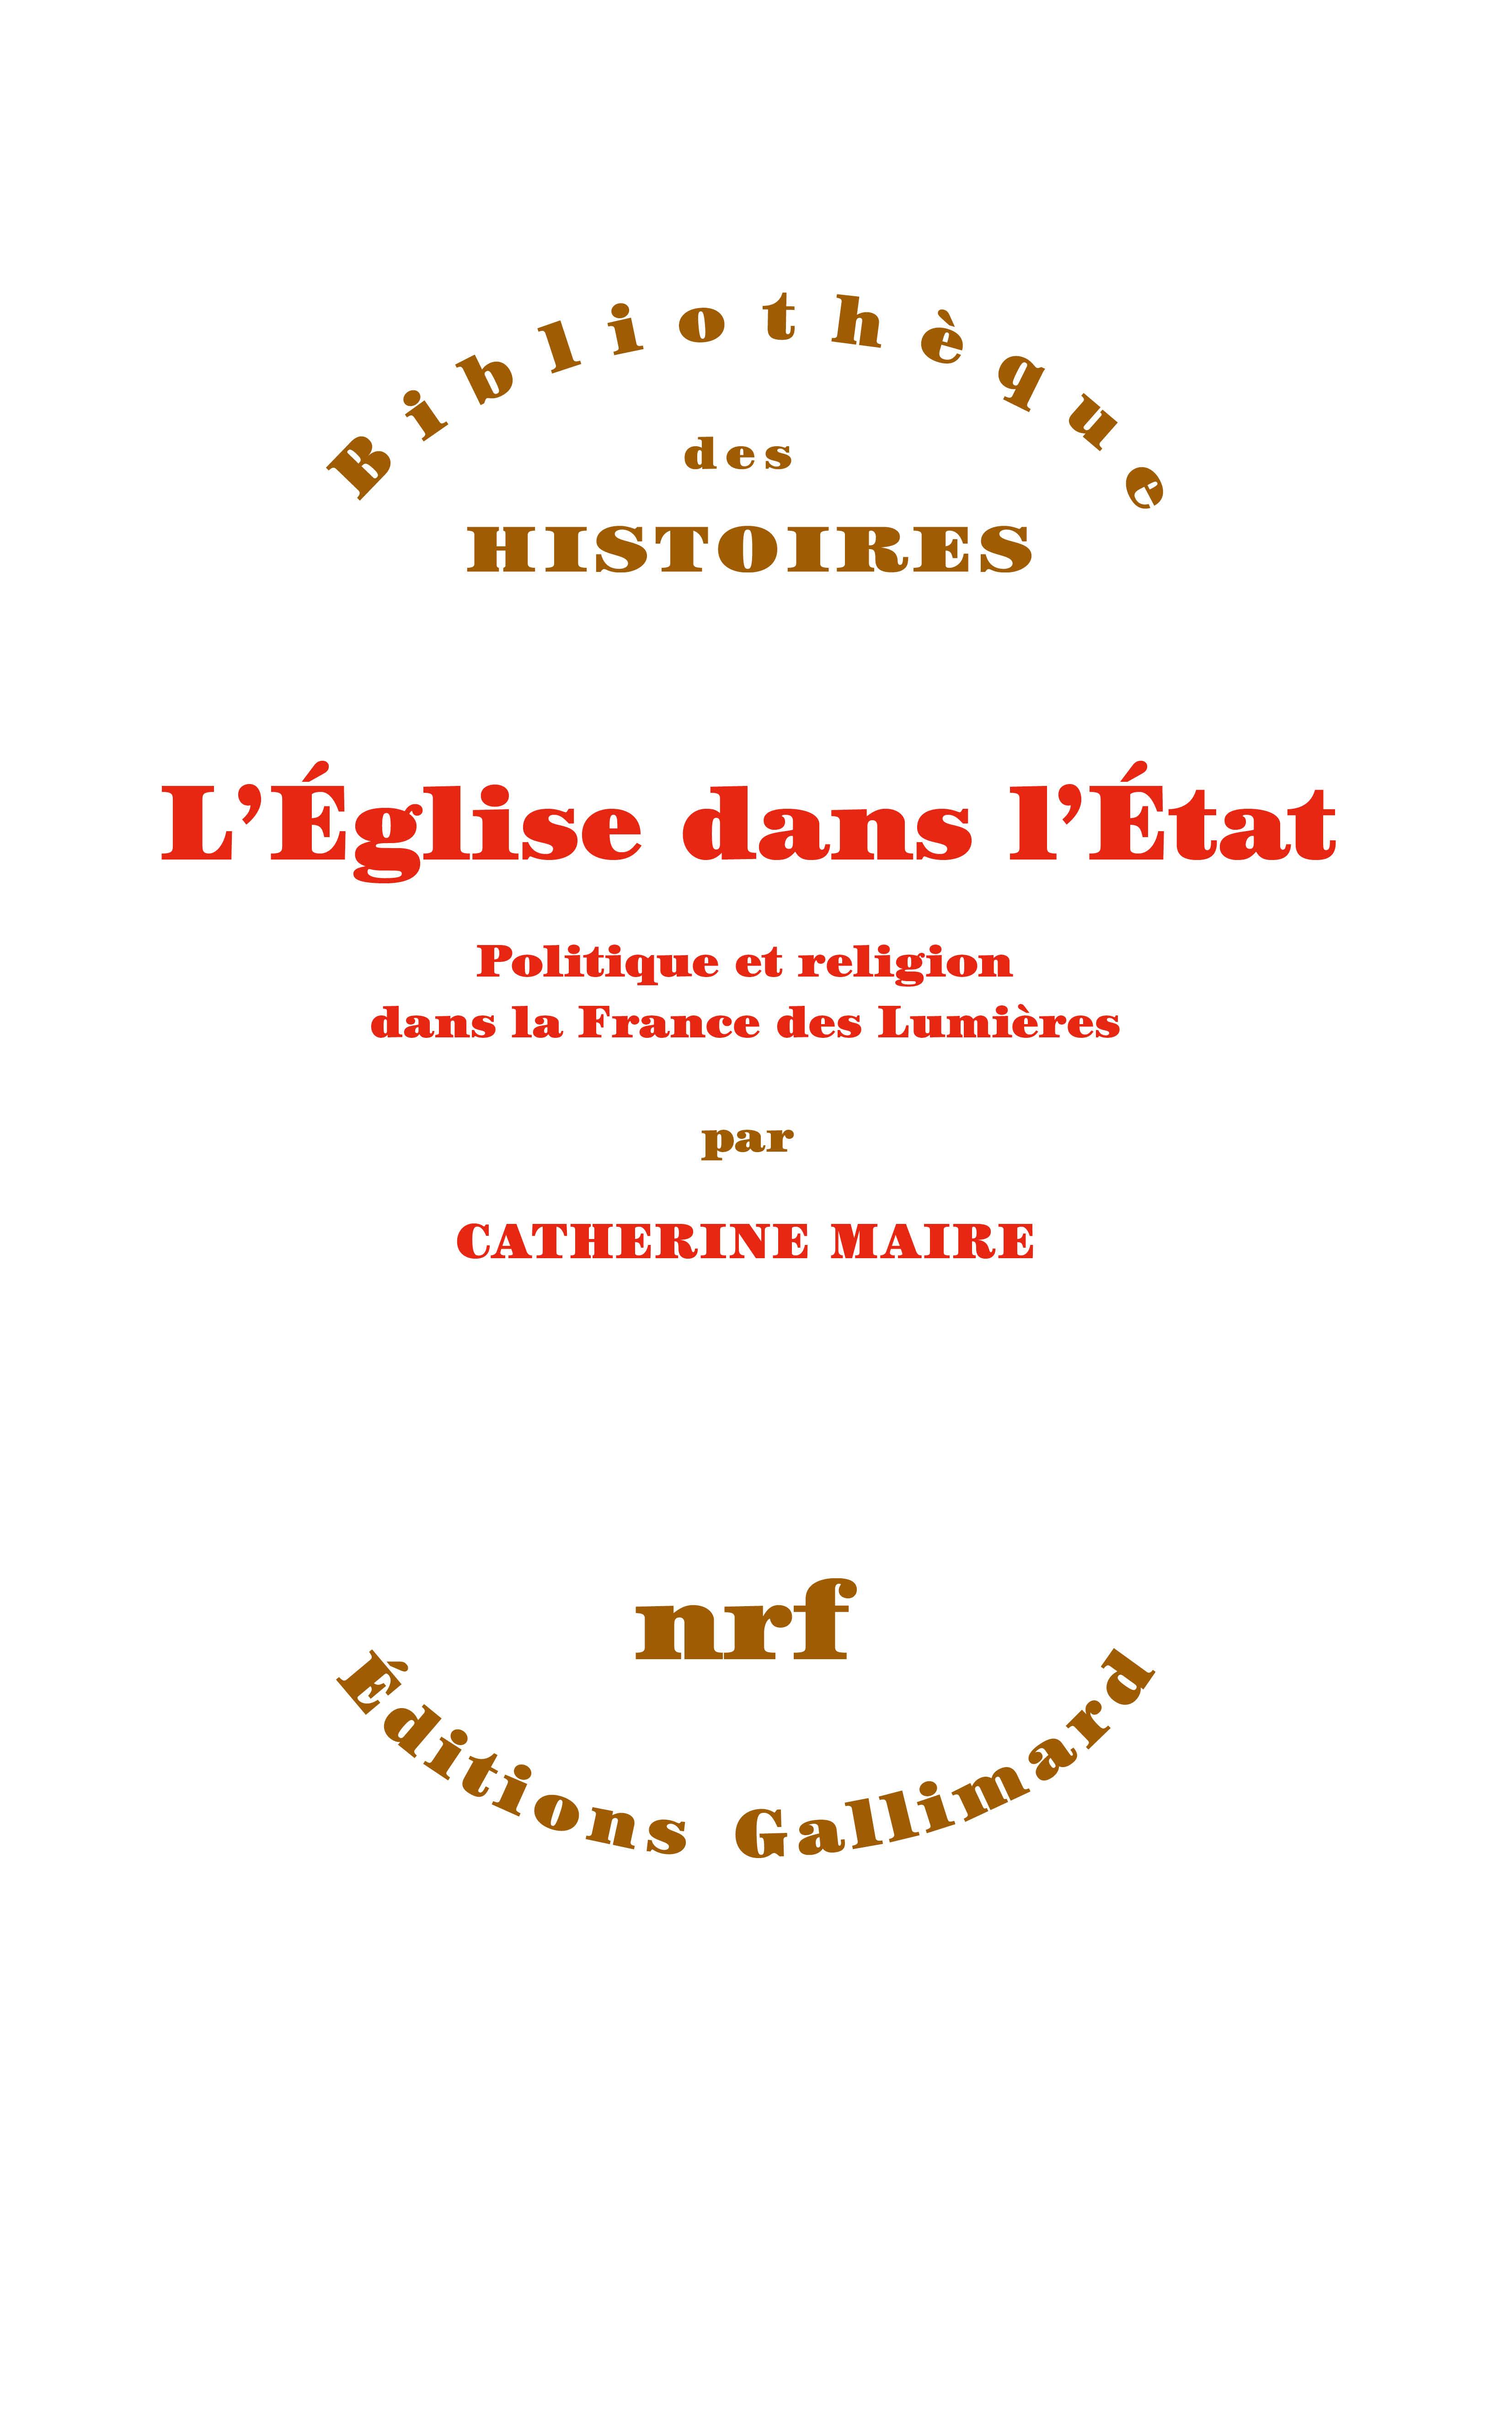 C. Maire, L'Église dans l'État. Politique et religion dans la France des Lumières